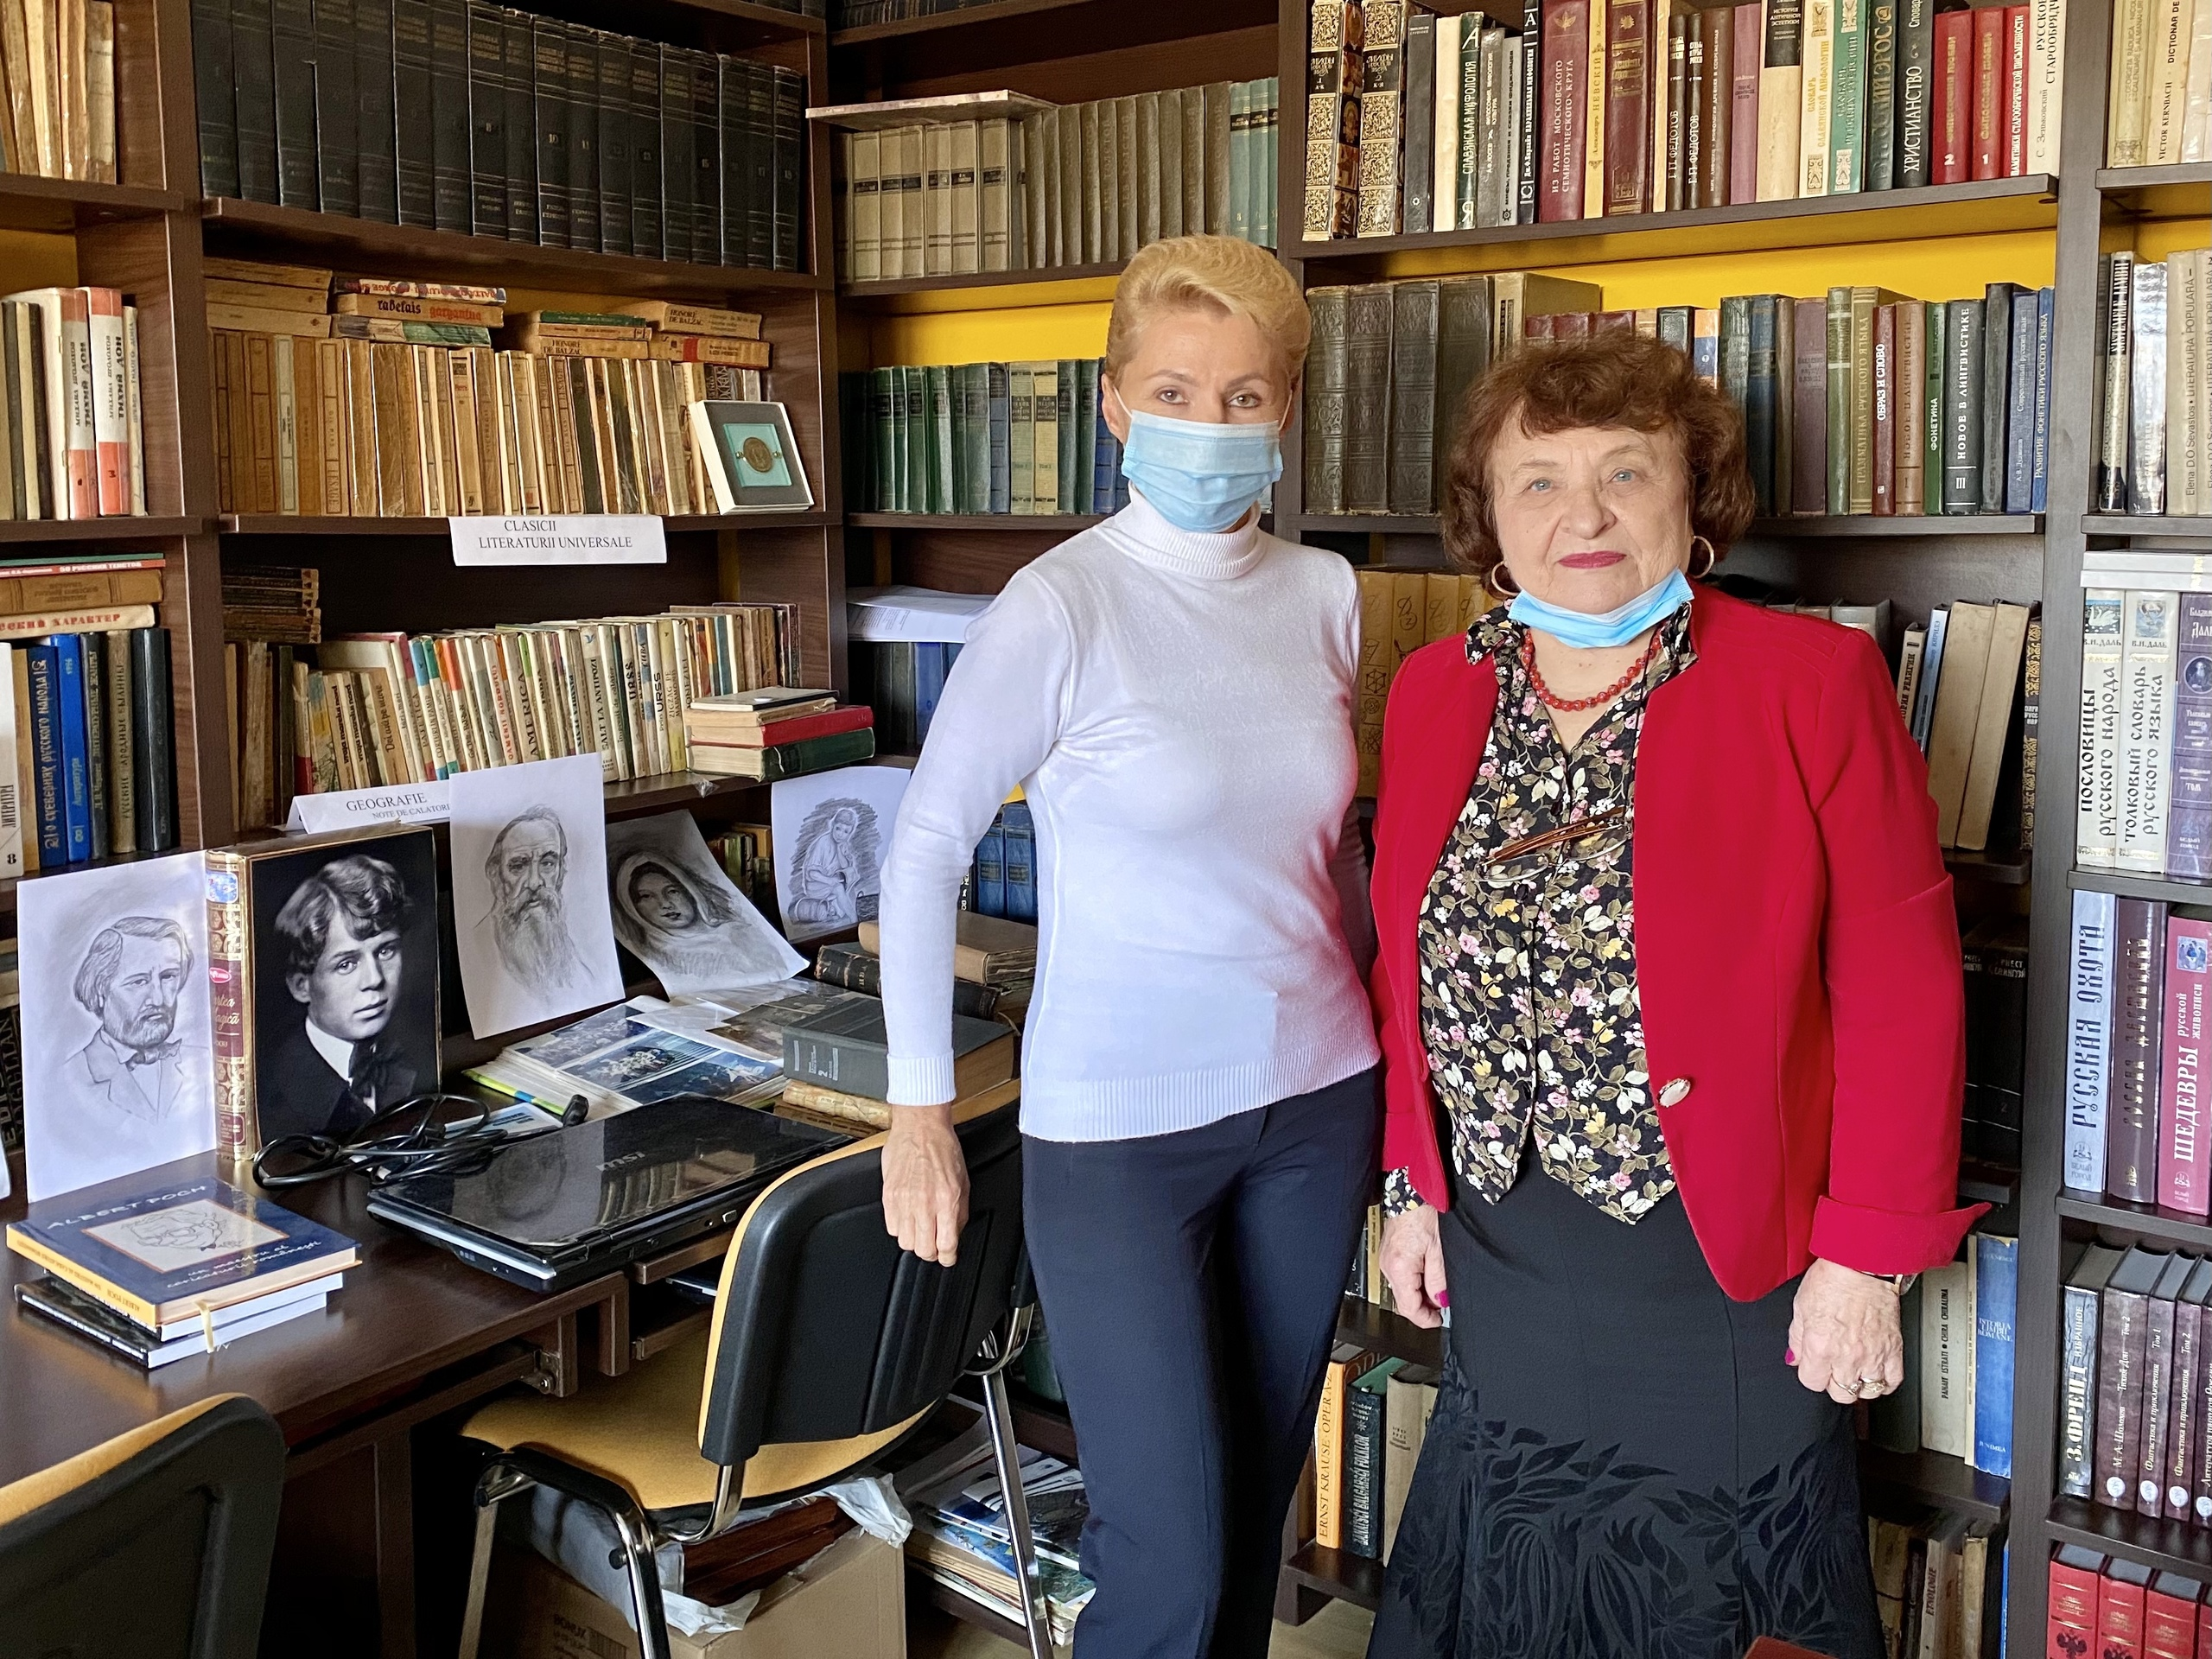 Despre vizita Consulului general T.M.Grushko la Centrul cultural Vicol Ivanov (Tulcea)